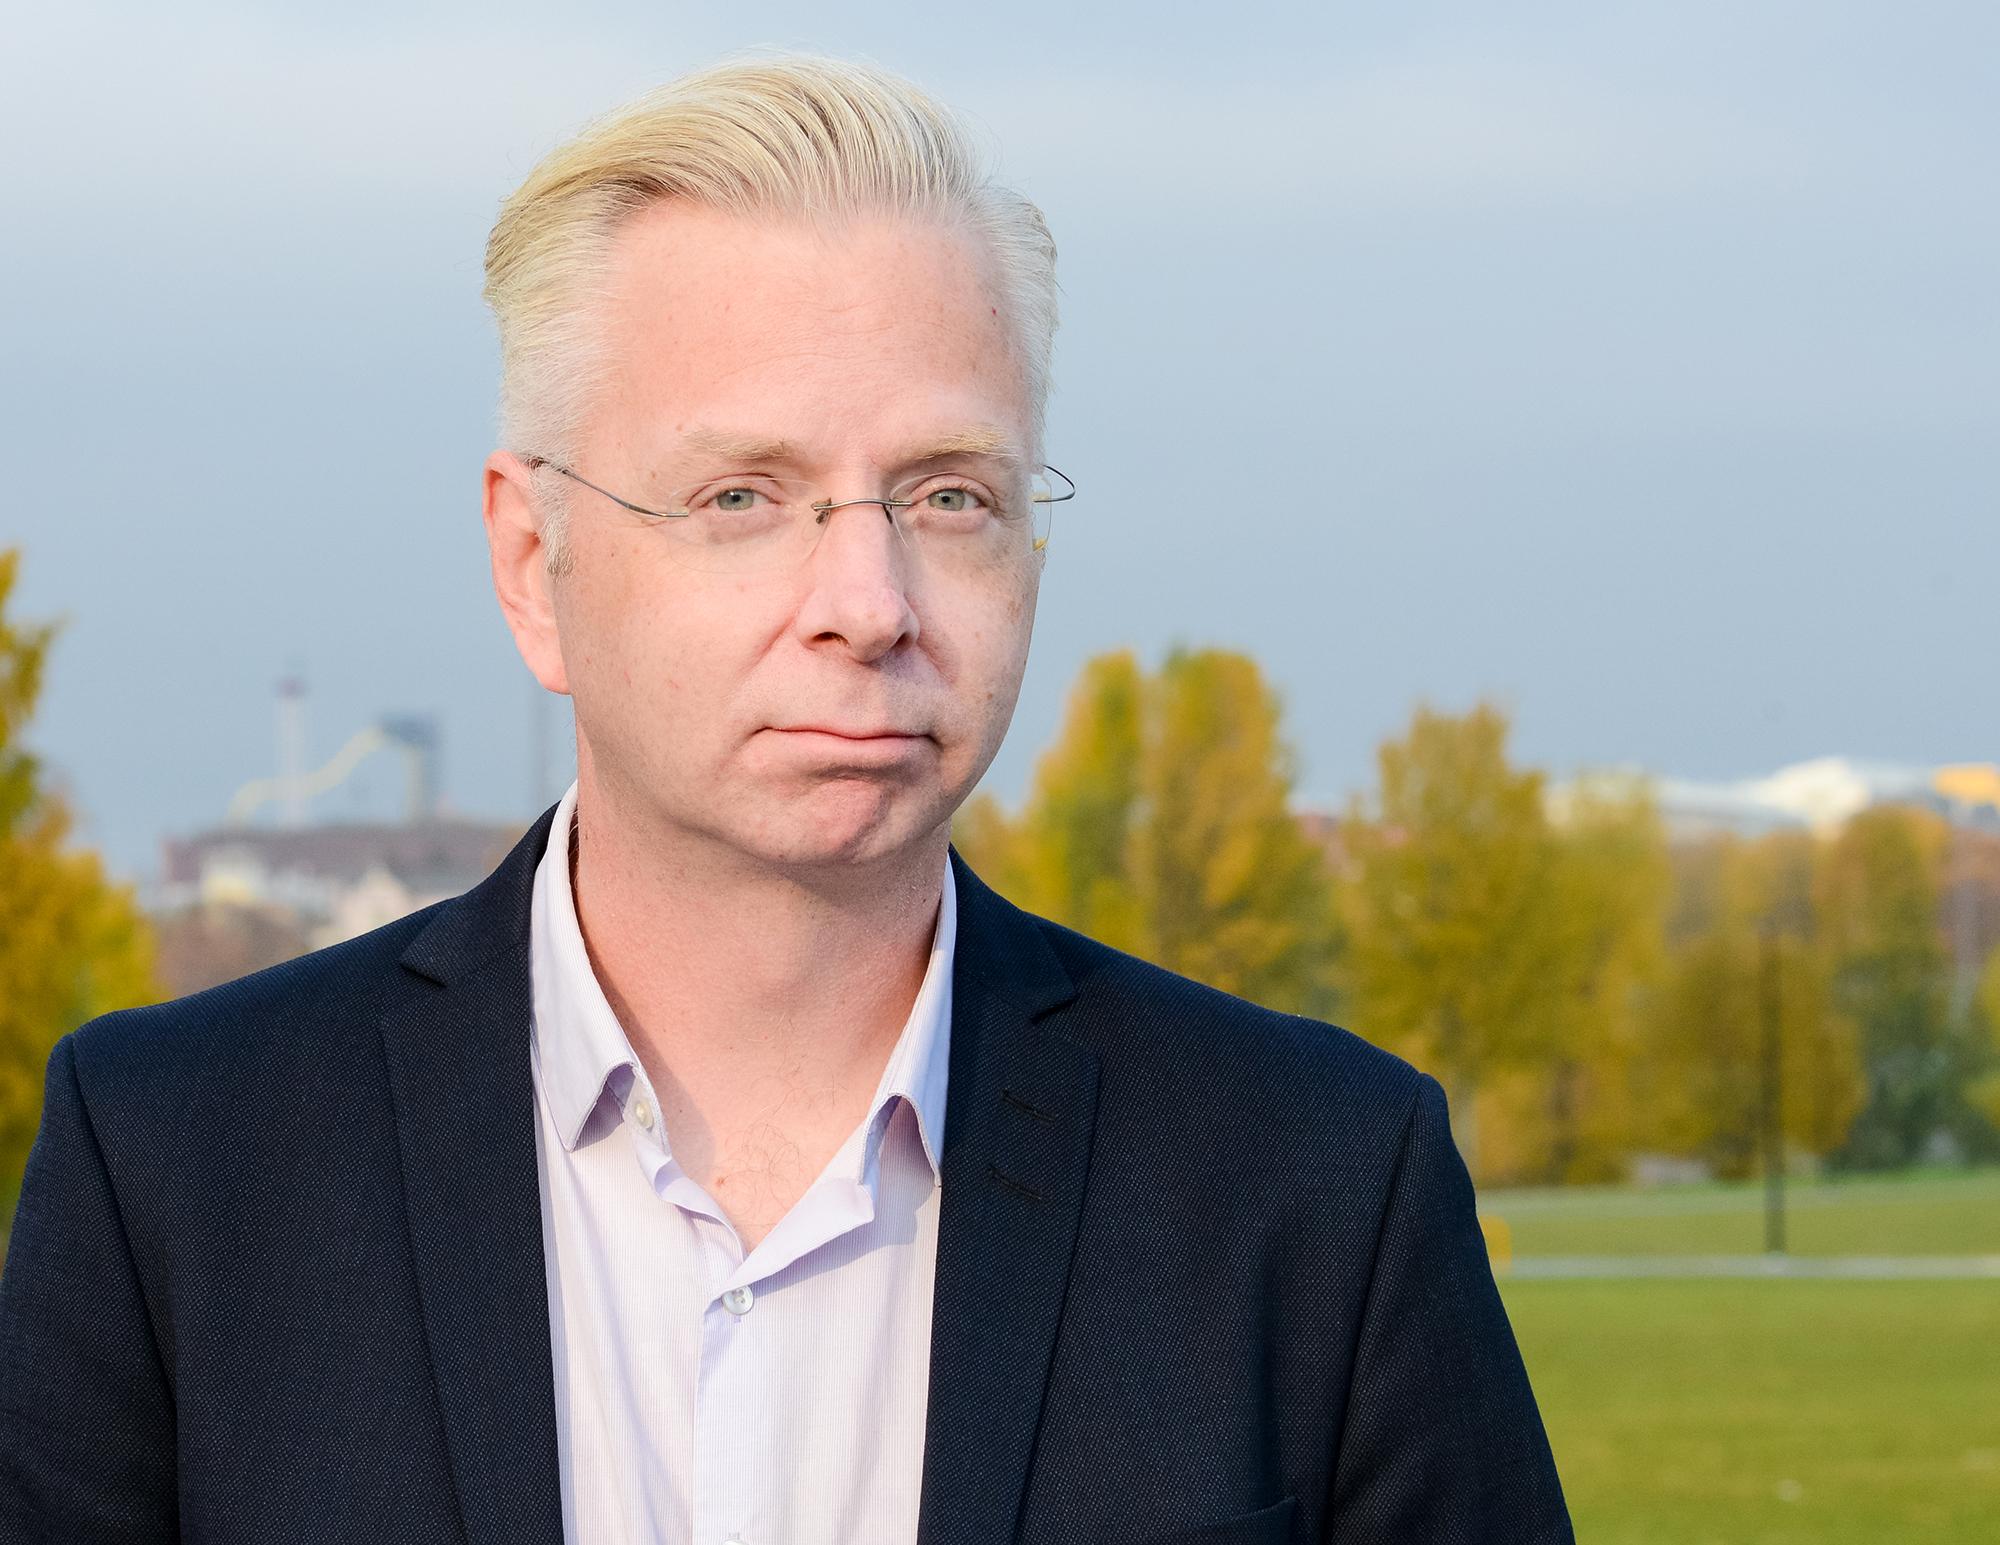 Markku Ruotsilan mielestä Suomessa uutisoidaan Donald Trumpin kannattajista tuomitsevaan sävyyn.